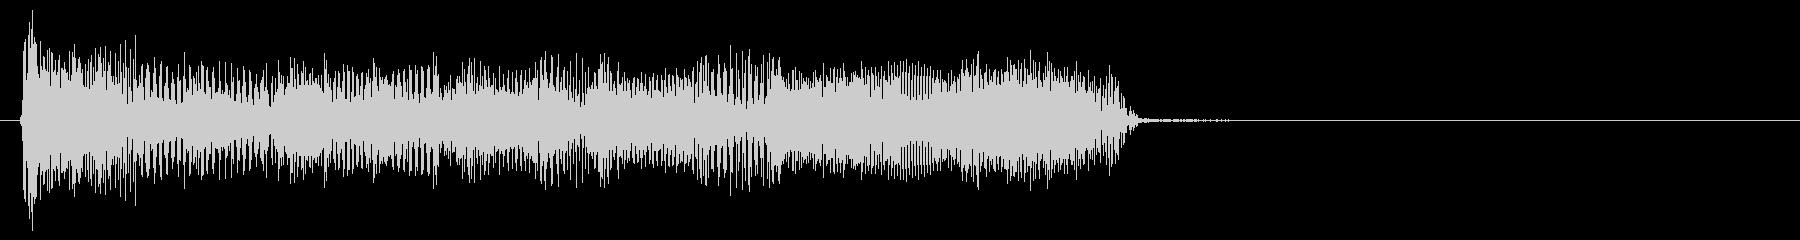 生演奏のエレキギターのリフの未再生の波形